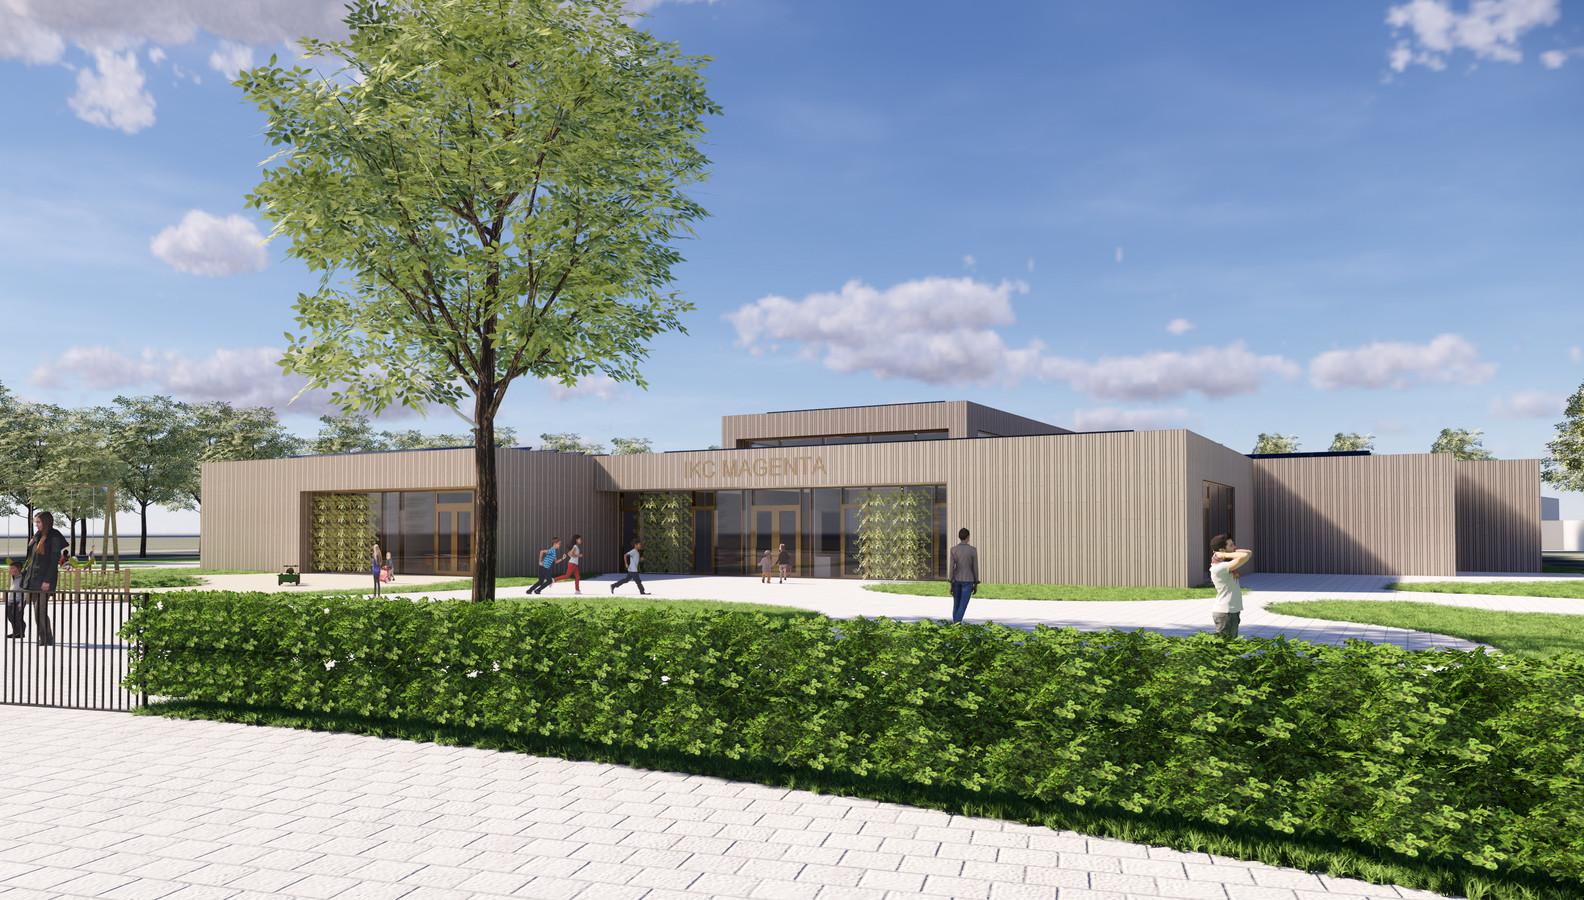 Impressie van de hoofdentree van IKC Magenta in Delden.